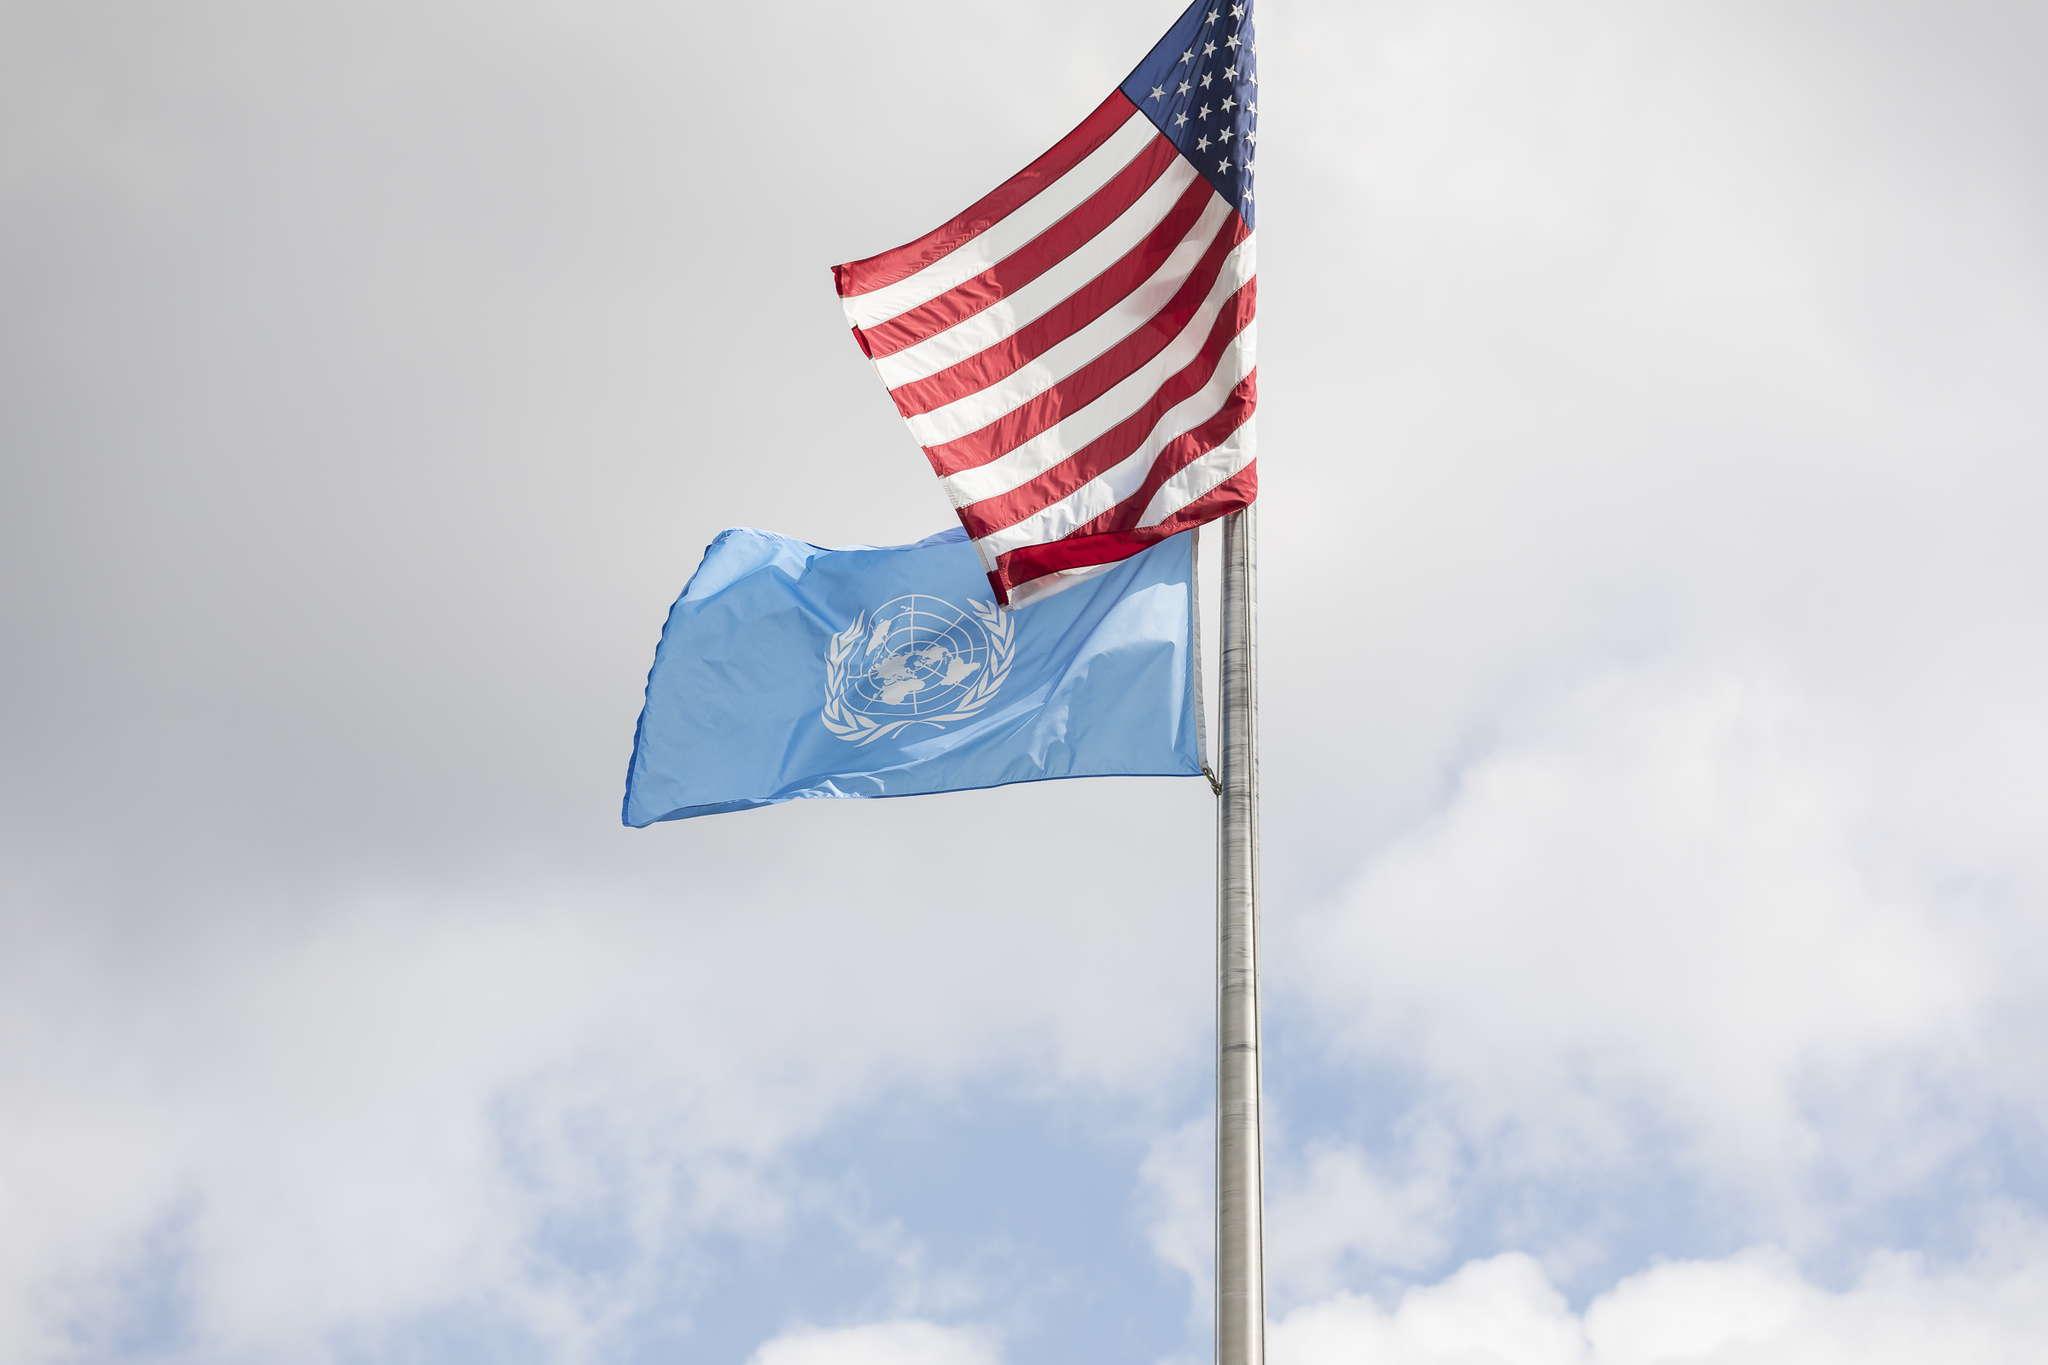 Laura_Linn_-_Values_5_Intl_UN_Flag_2020_mac_1562